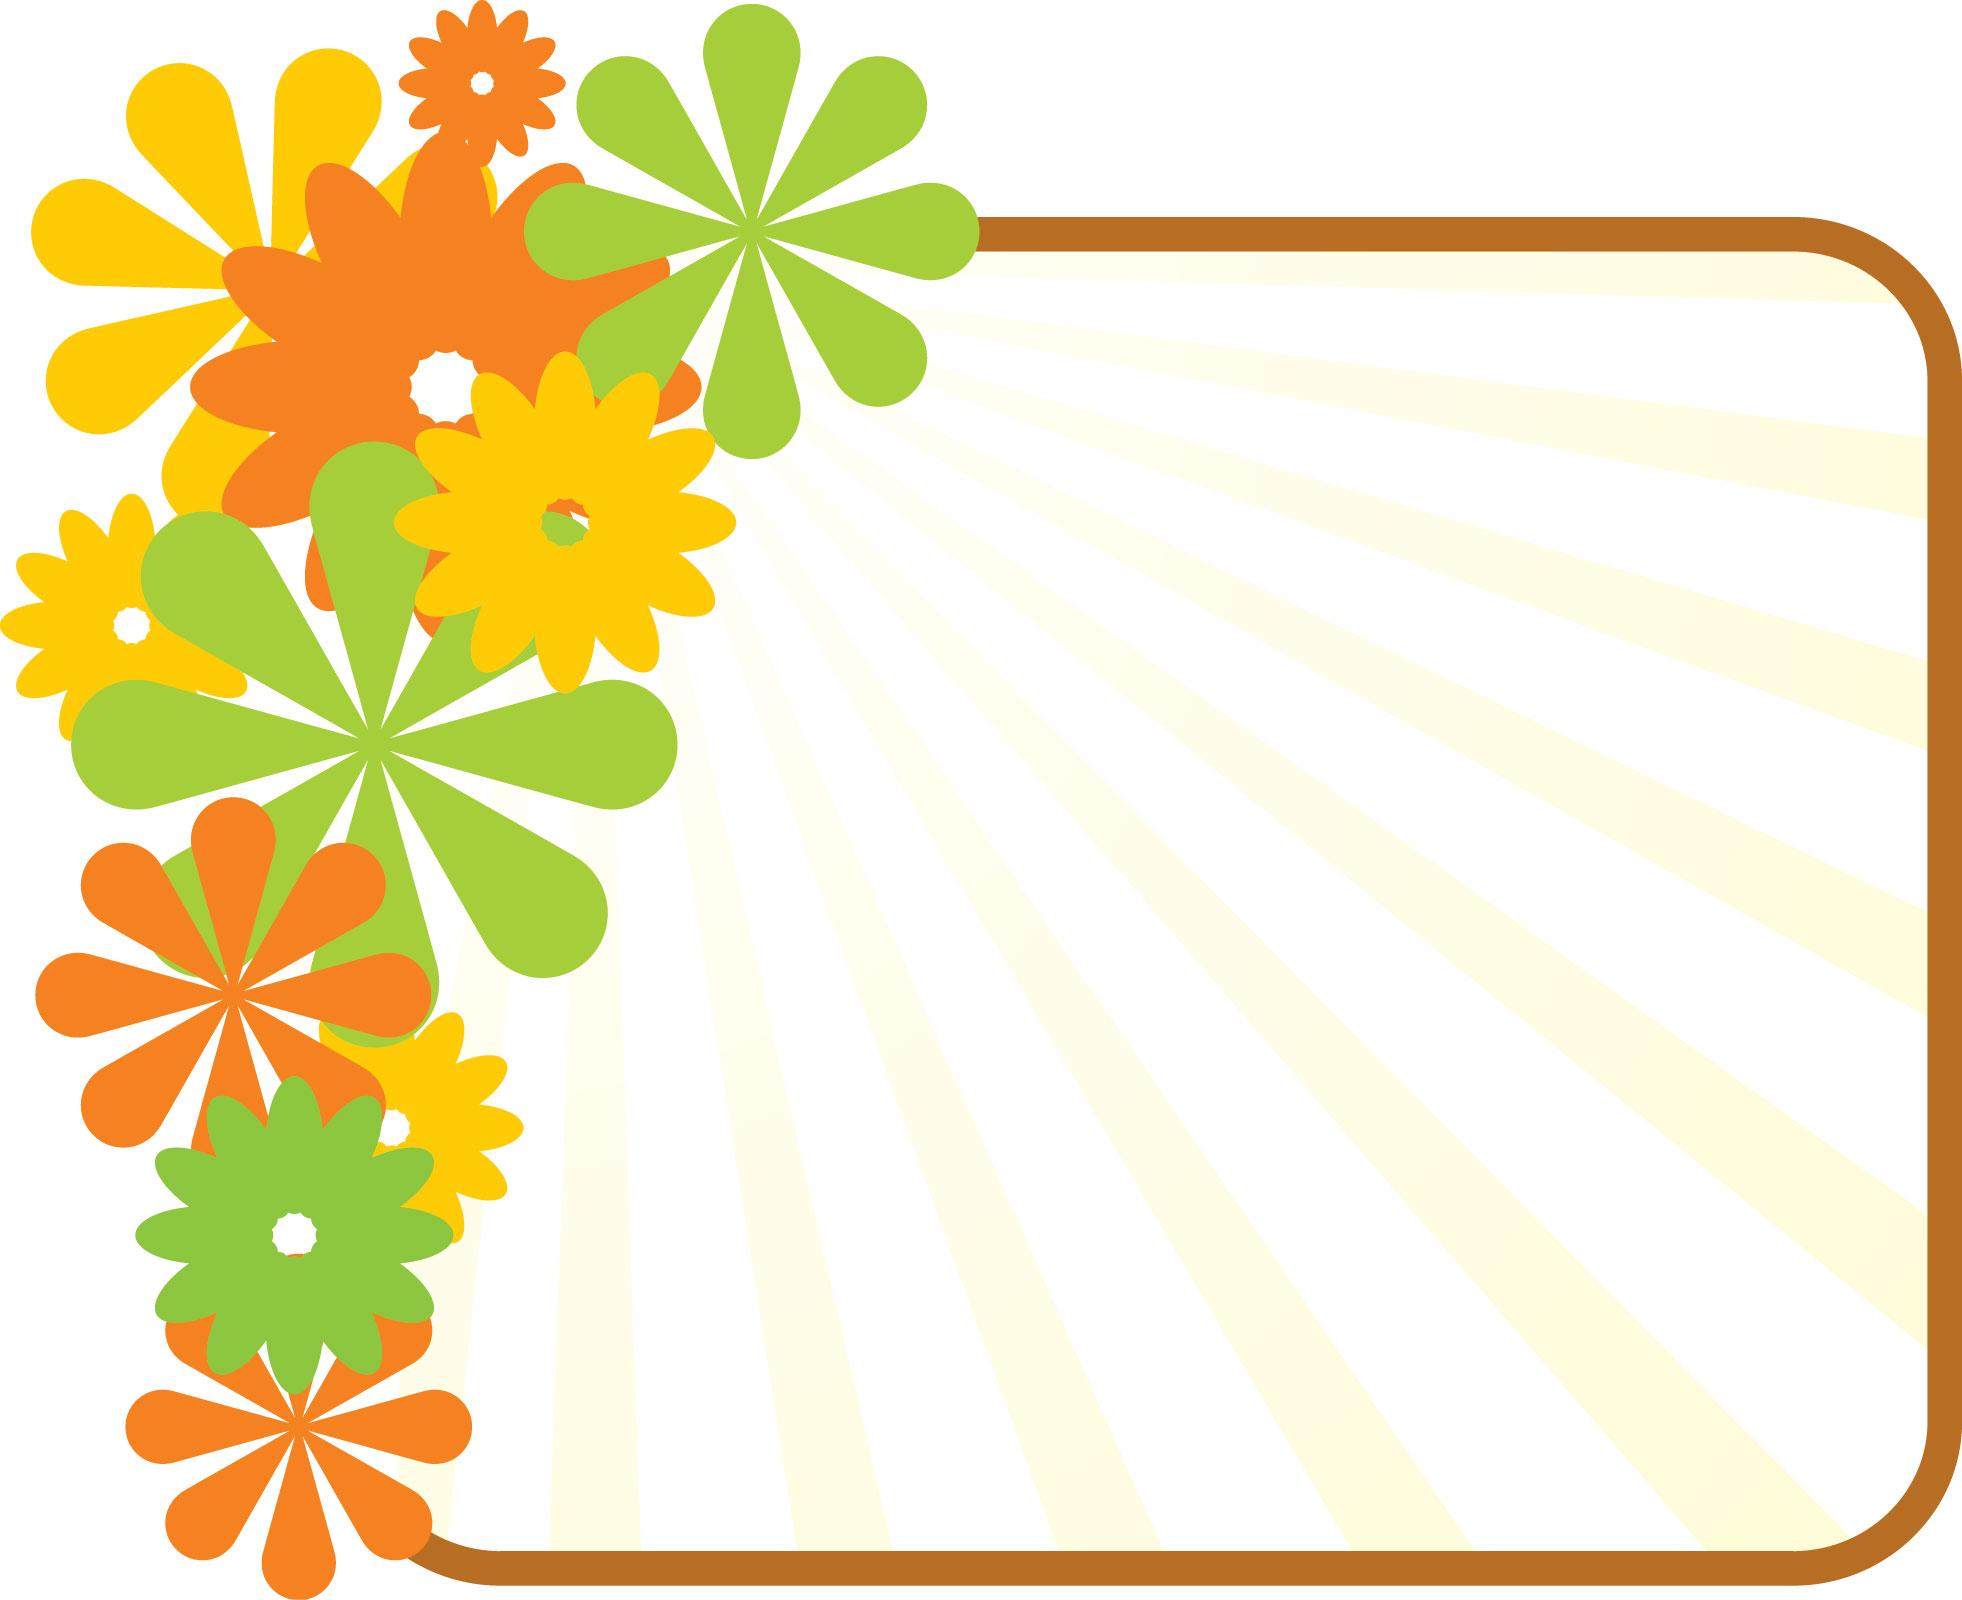 ポップでかわいい花のイラスト・フリー素材/No.1076『黄緑茶